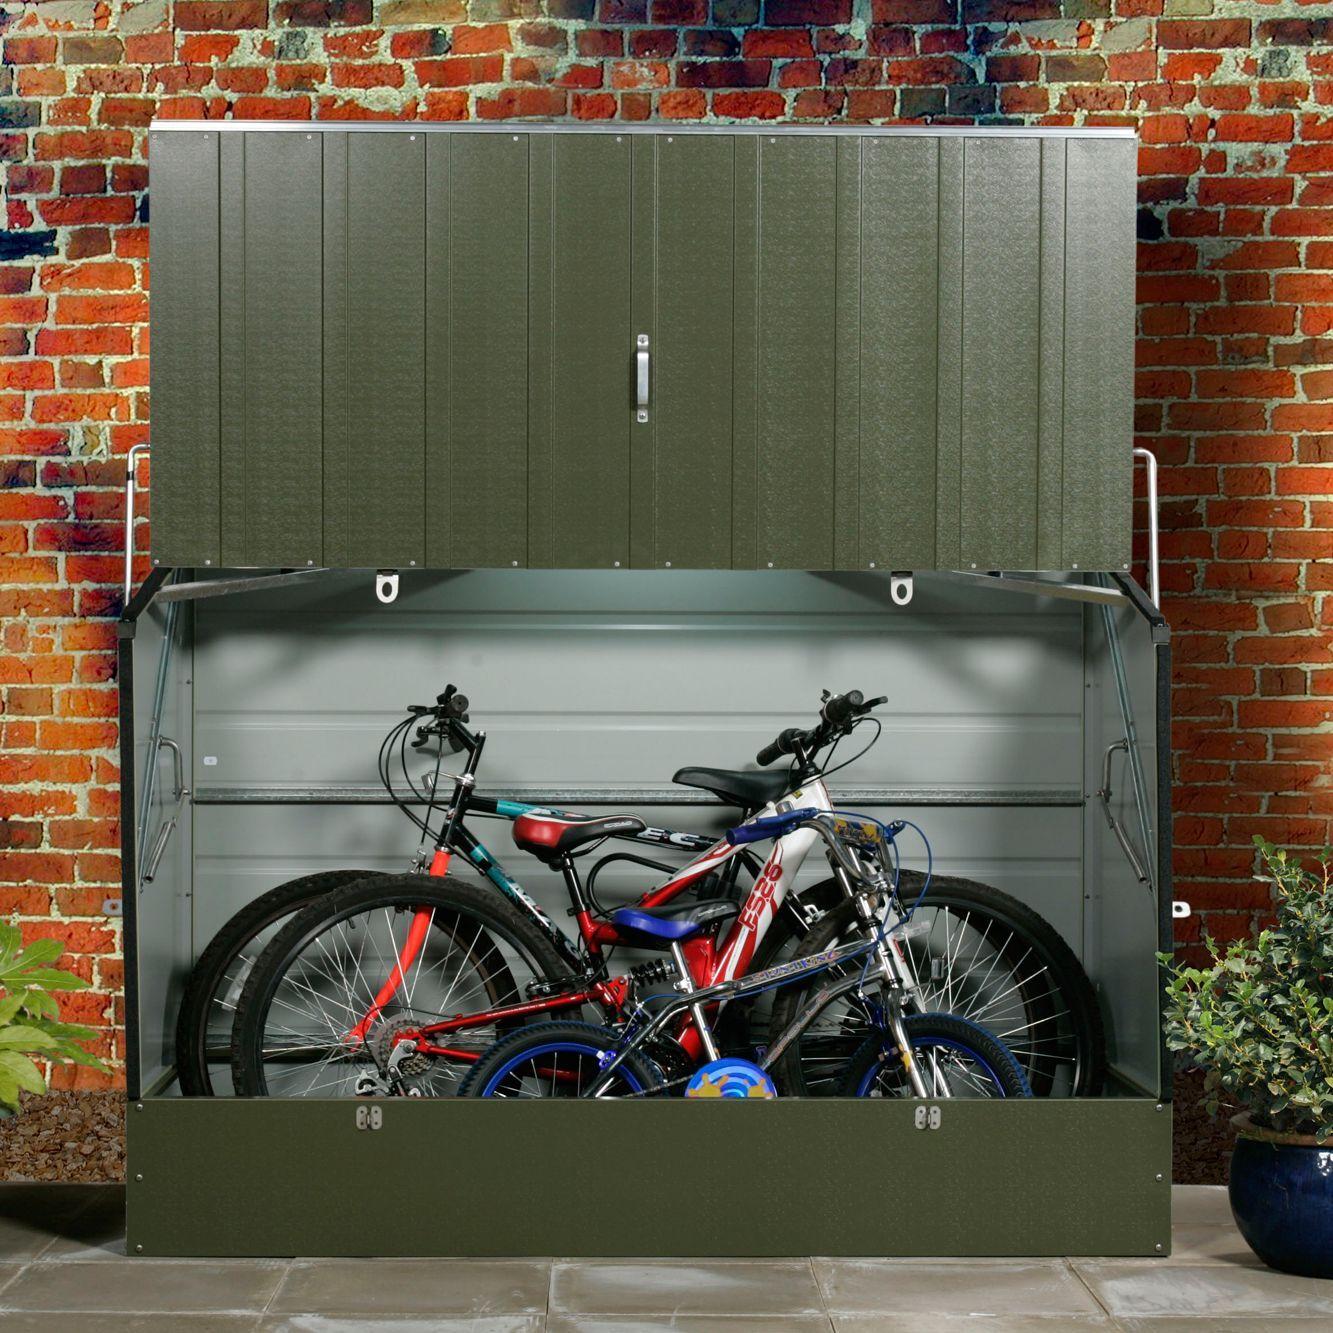 Protectacycle Pent Metal Bike Store Departments Diy At B Q